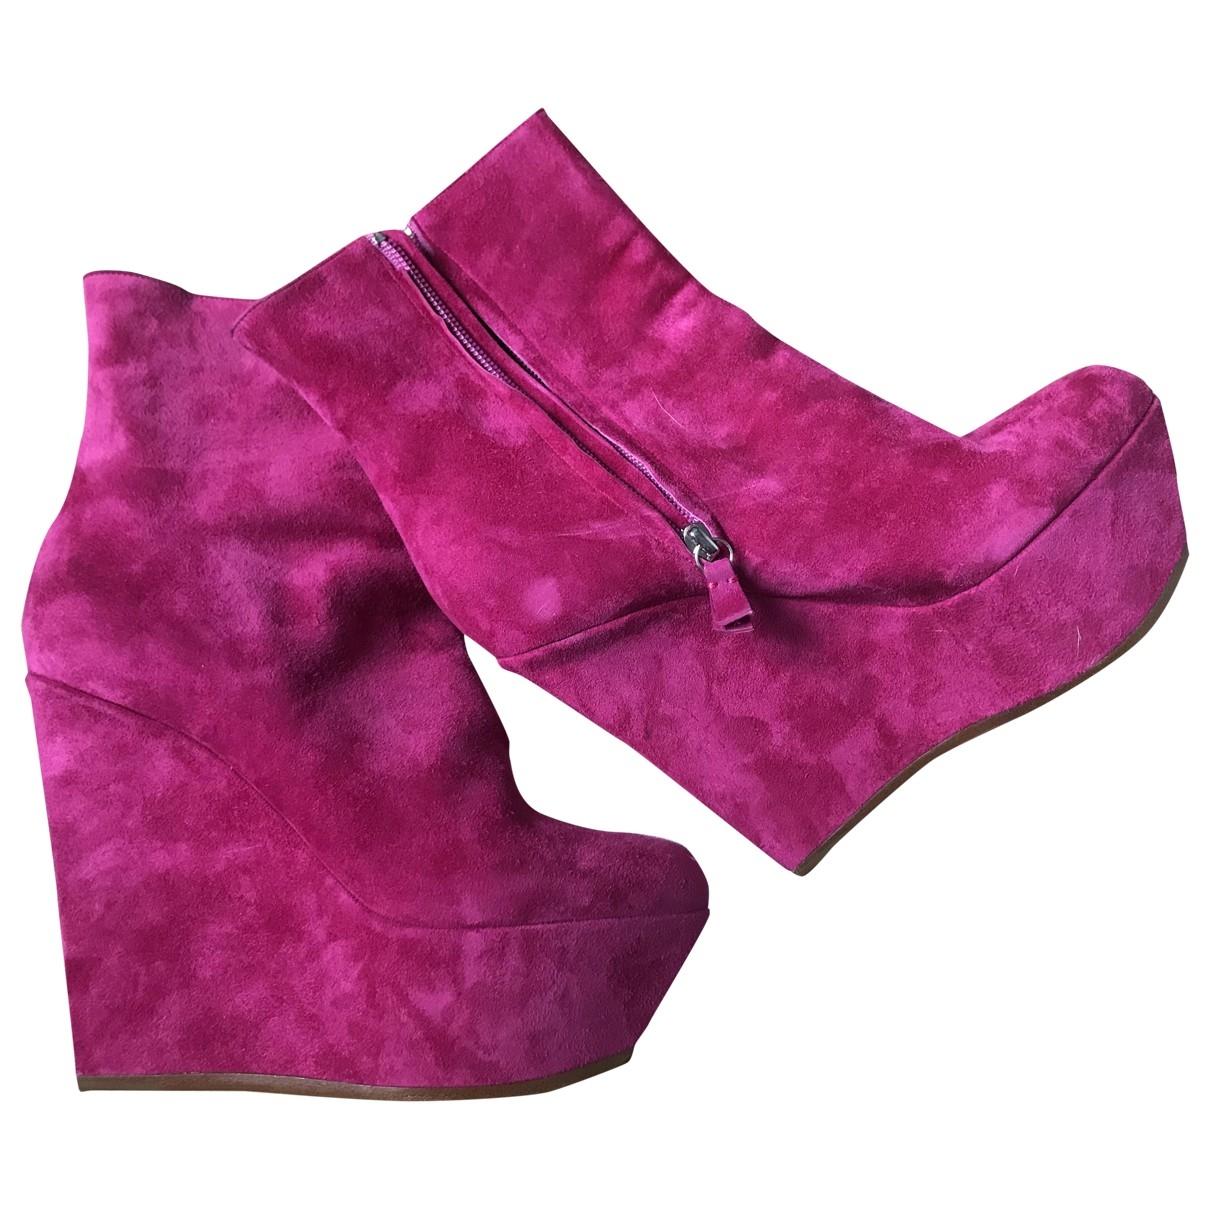 Casadei - Boots   pour femme en cuir - rose